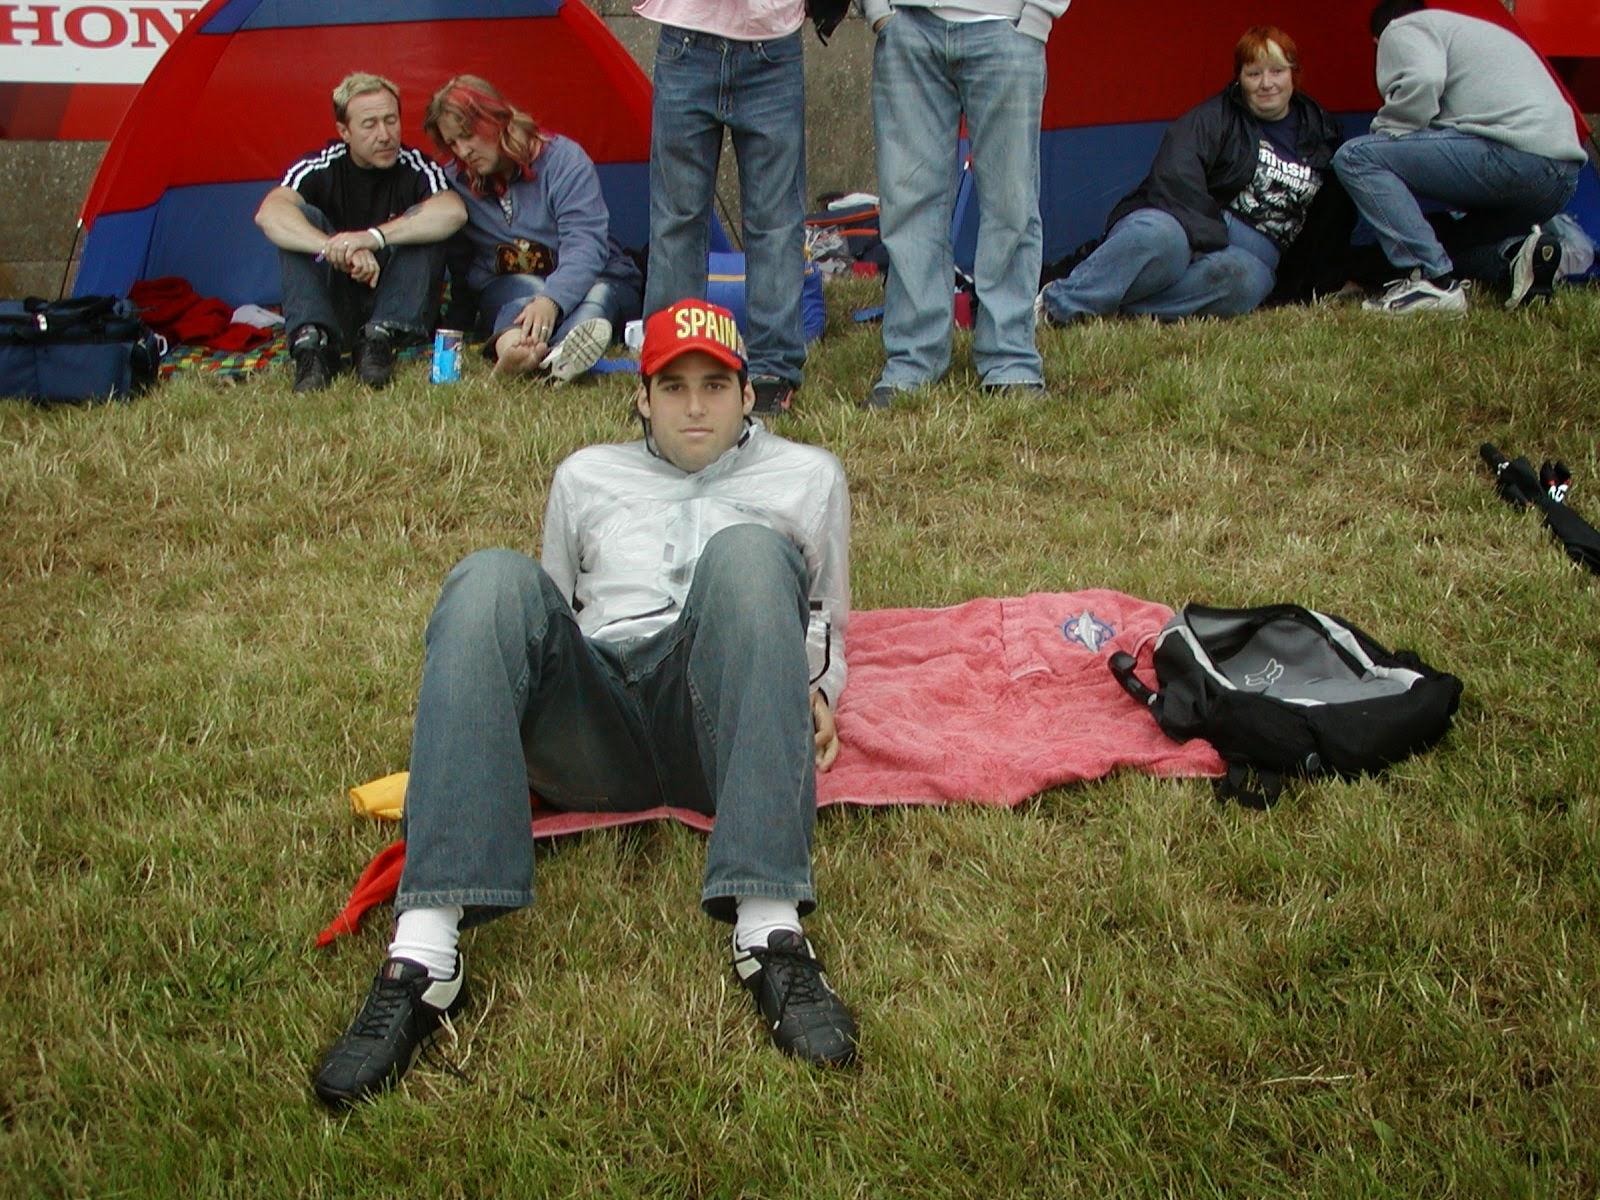 Gradas del circuito de Donington Park